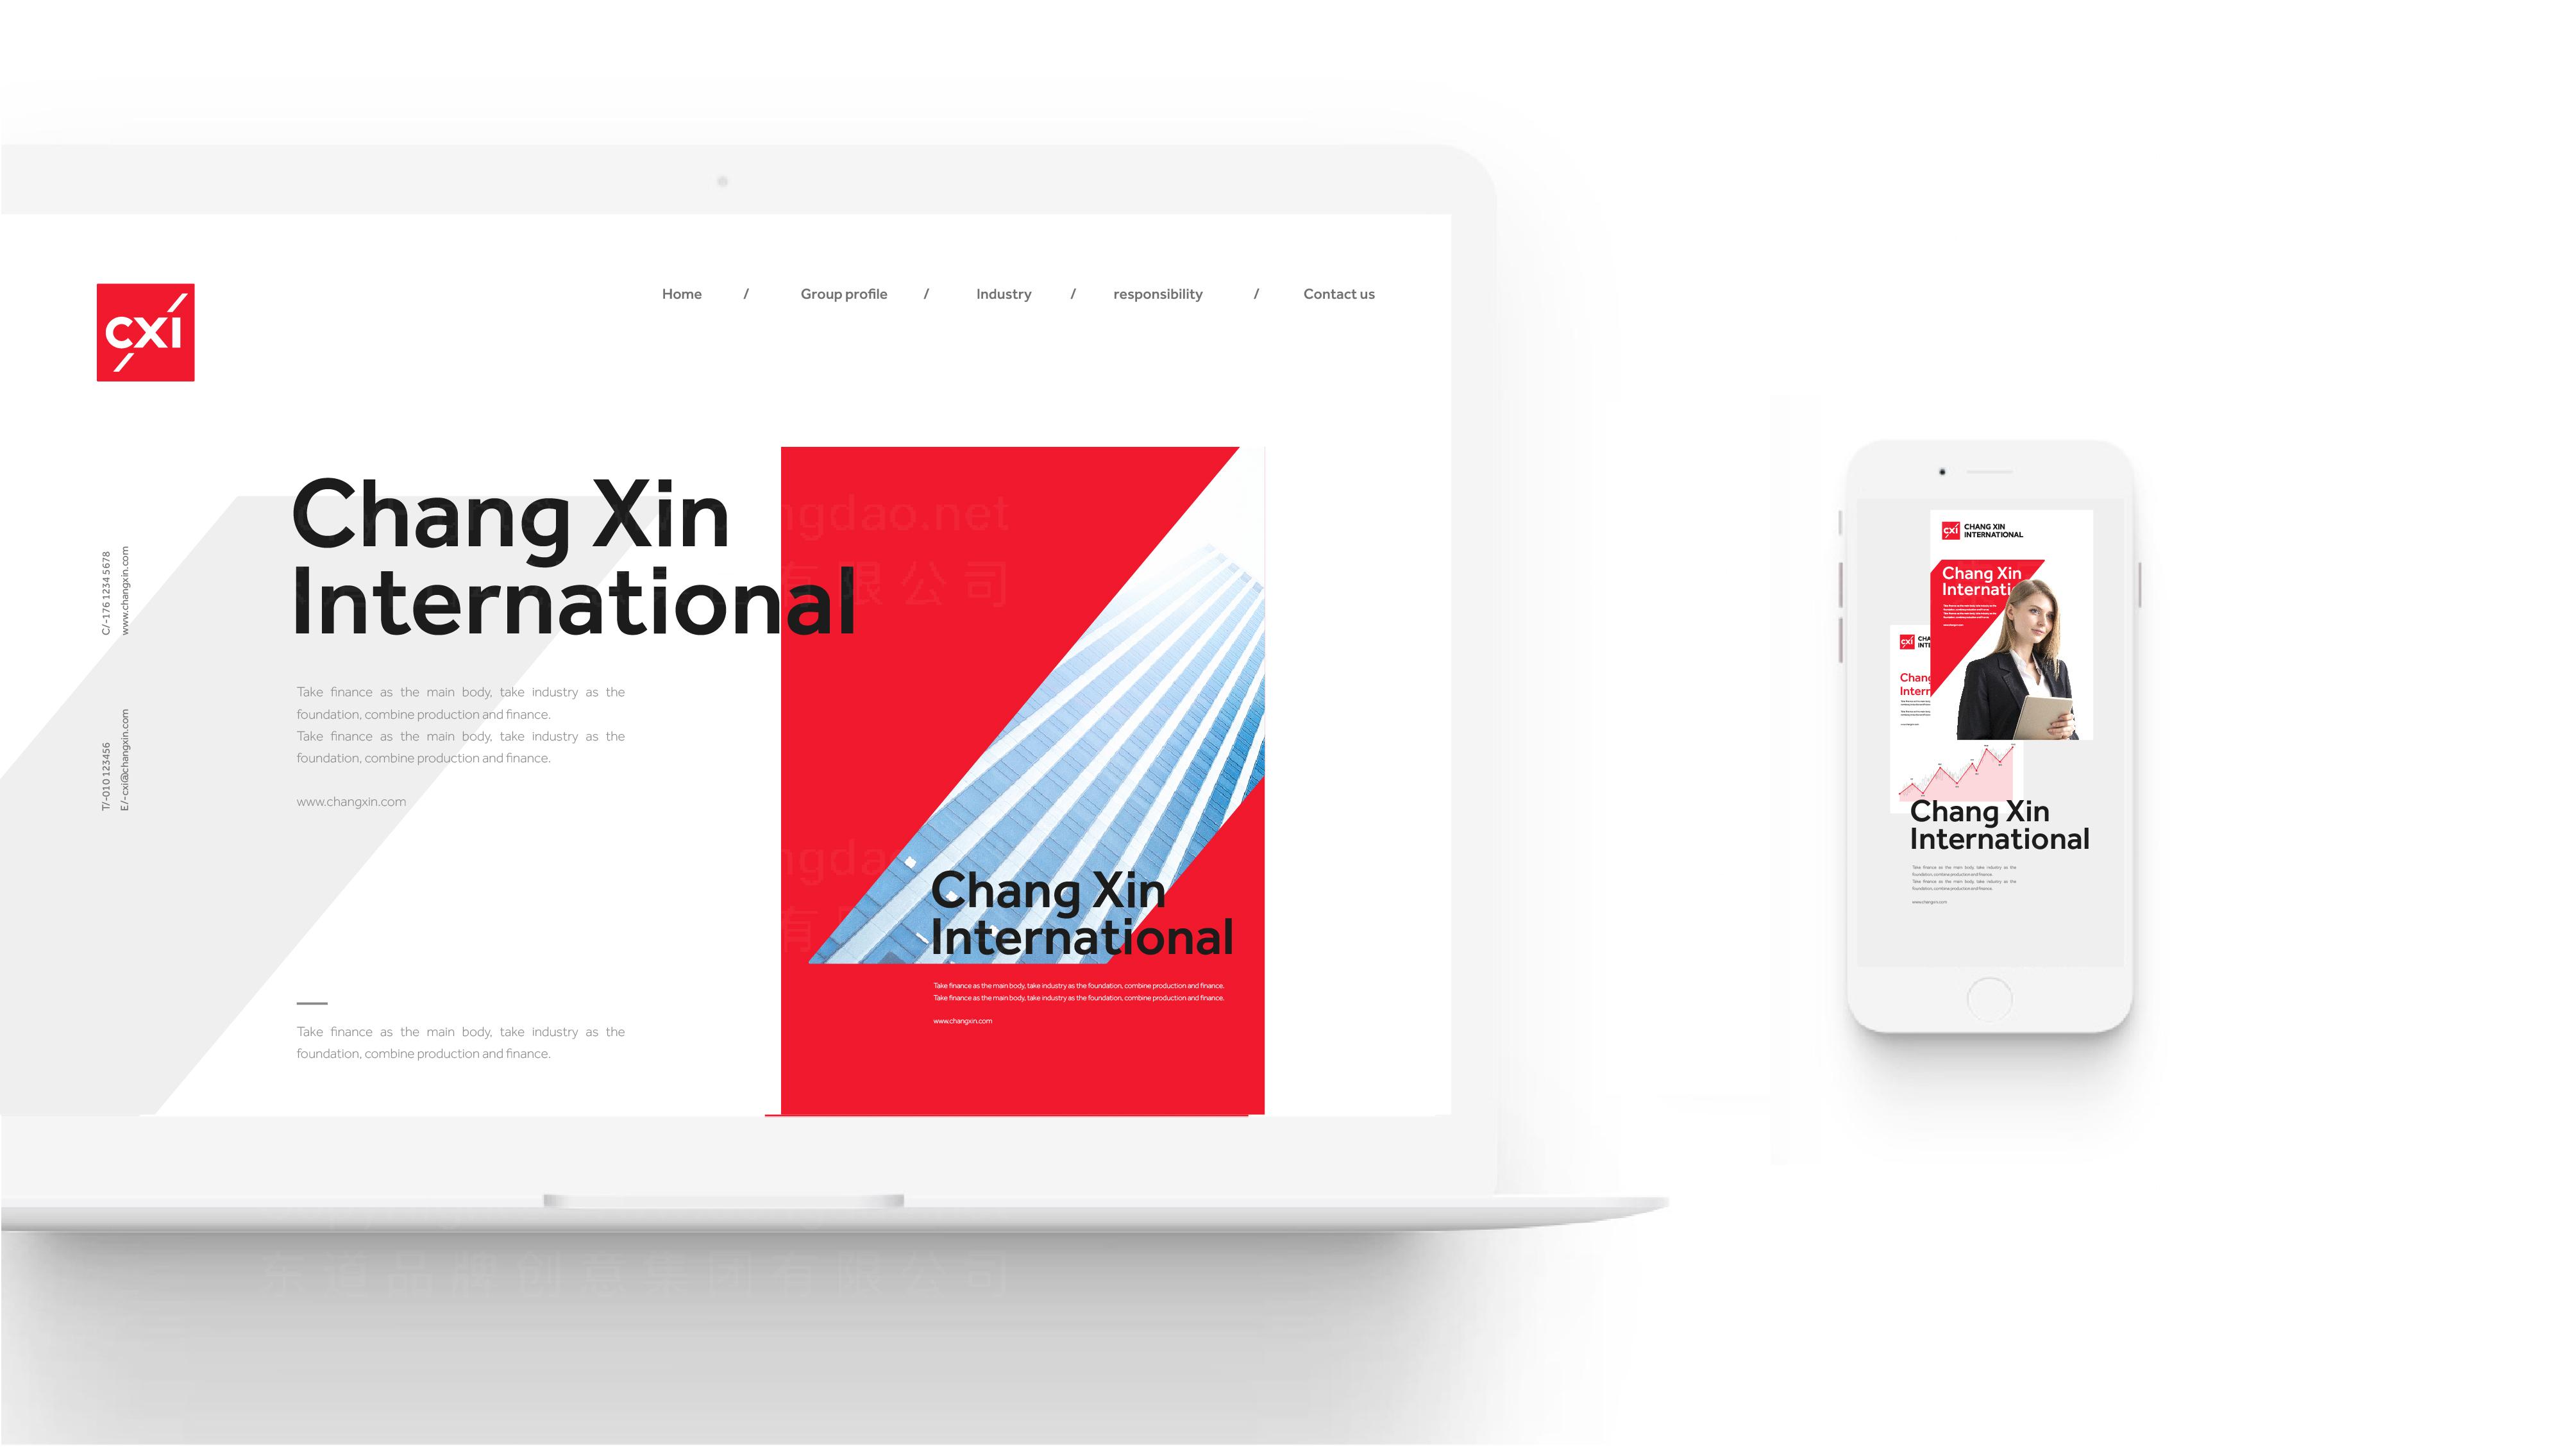 品牌设计常新国际LOGO&VI设计应用场景_9